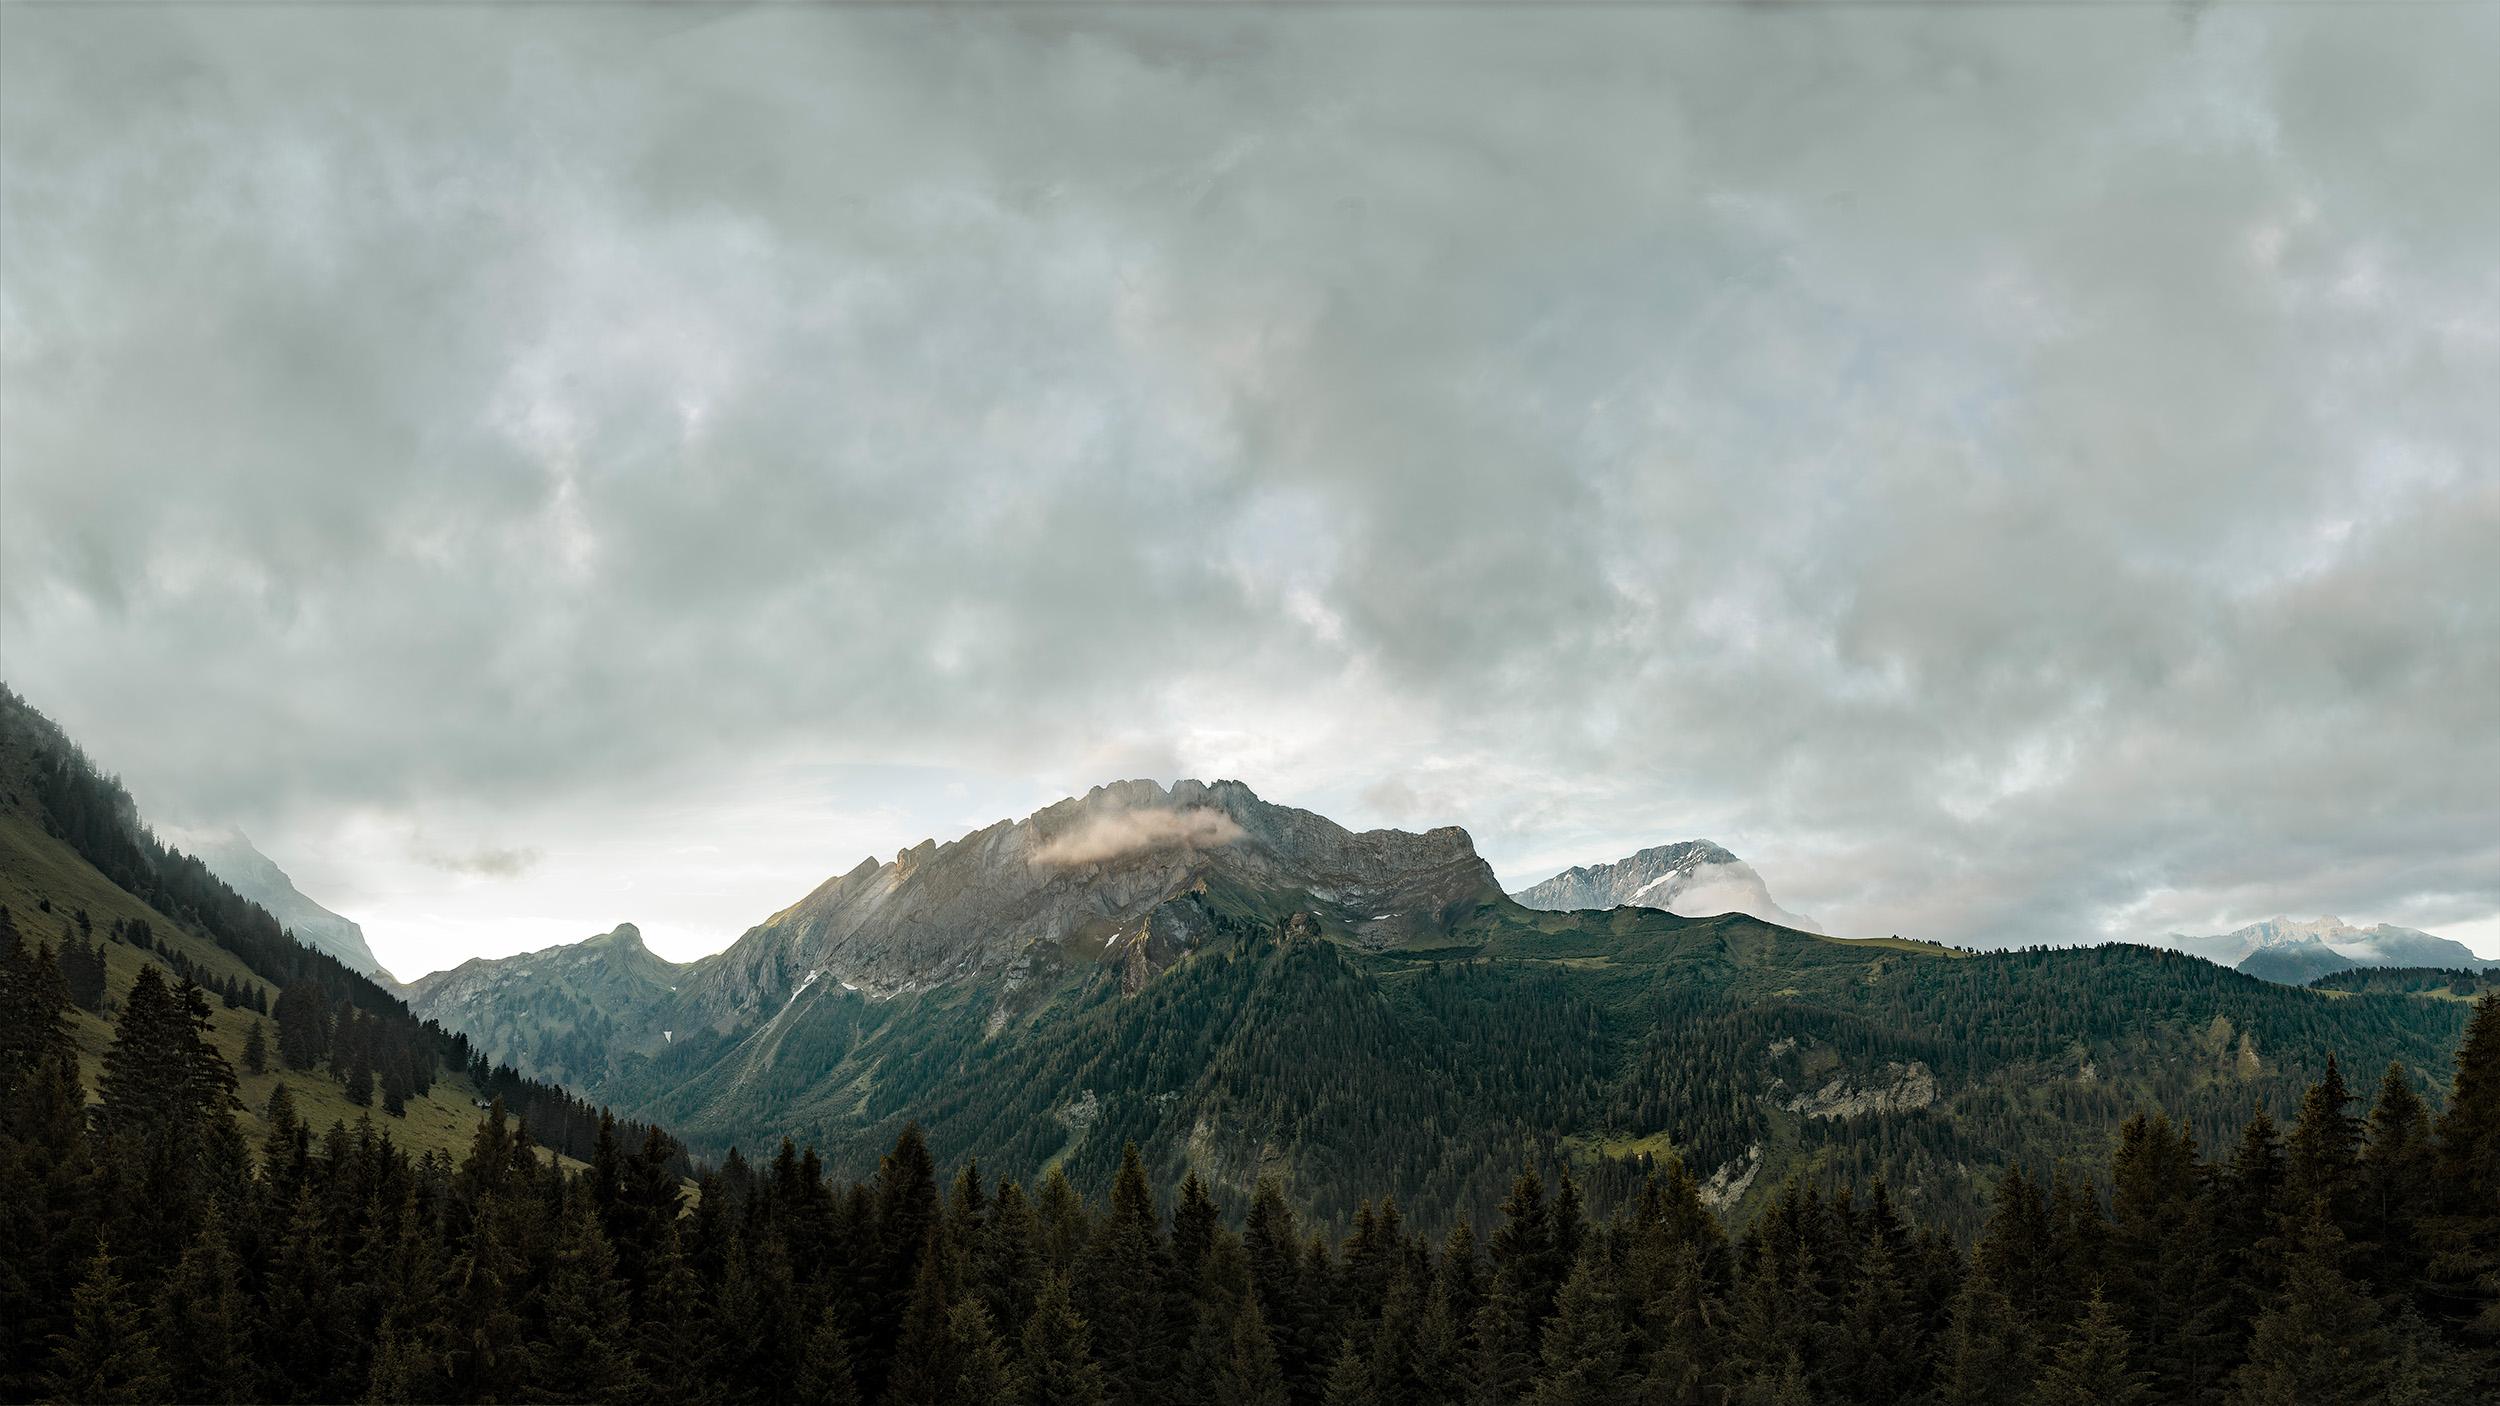 Bild, L'Argentine - Muveran, Schweiz